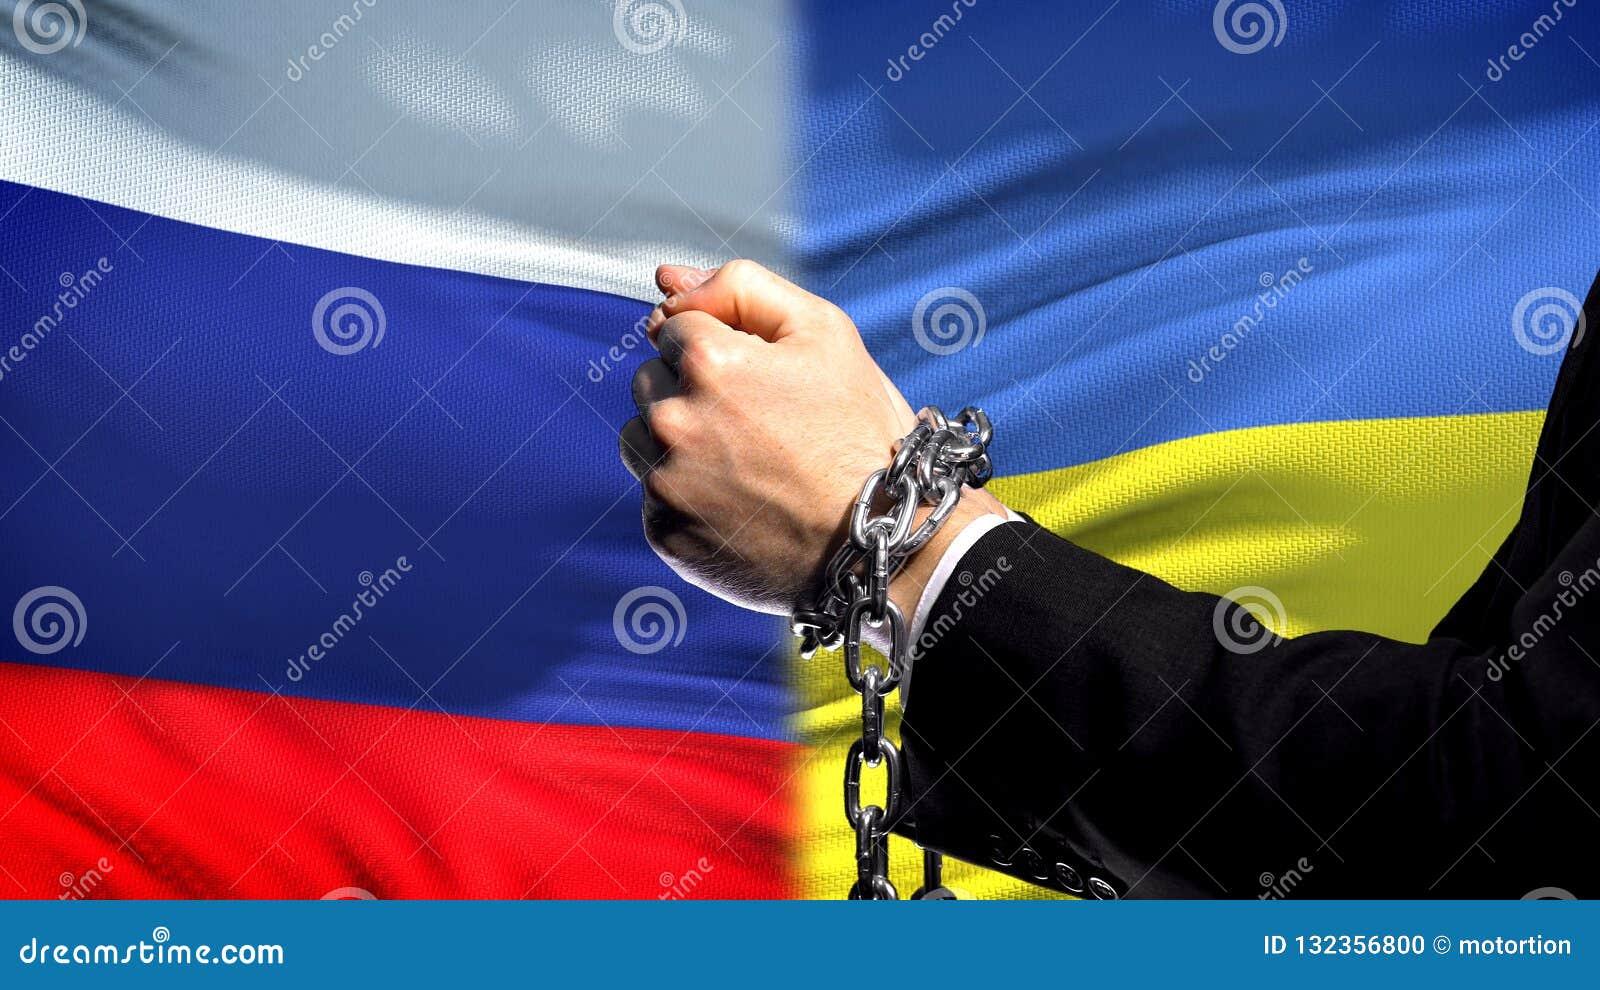 Κυρώσεις Ουκρανία της Ρωσίας, αλυσοδεμένα όπλα, πολιτική ή οικονομική σύγκρουση, επιχείρηση